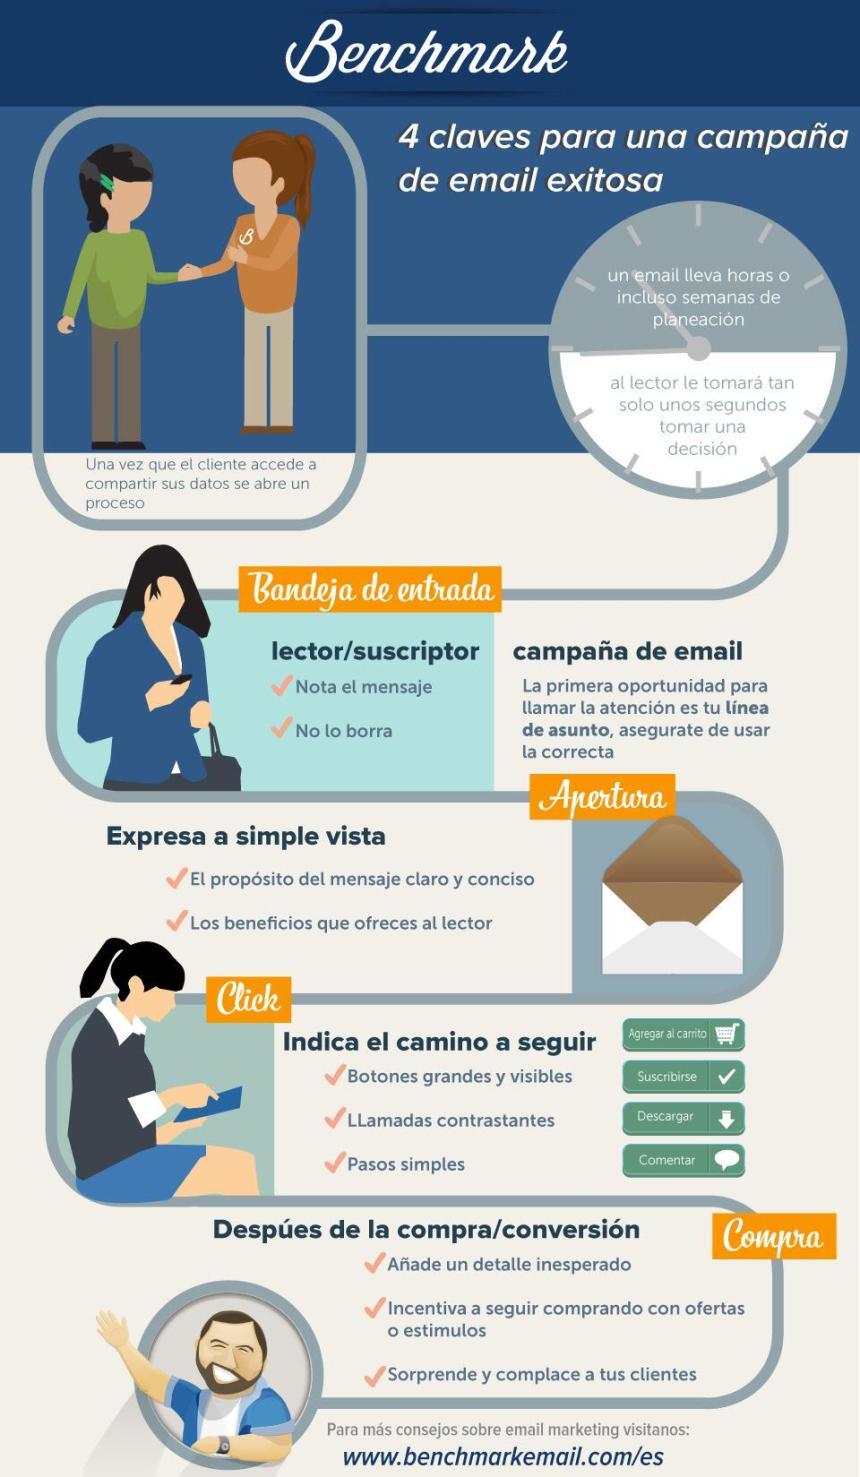 4 claves para una campaña de email exitosa